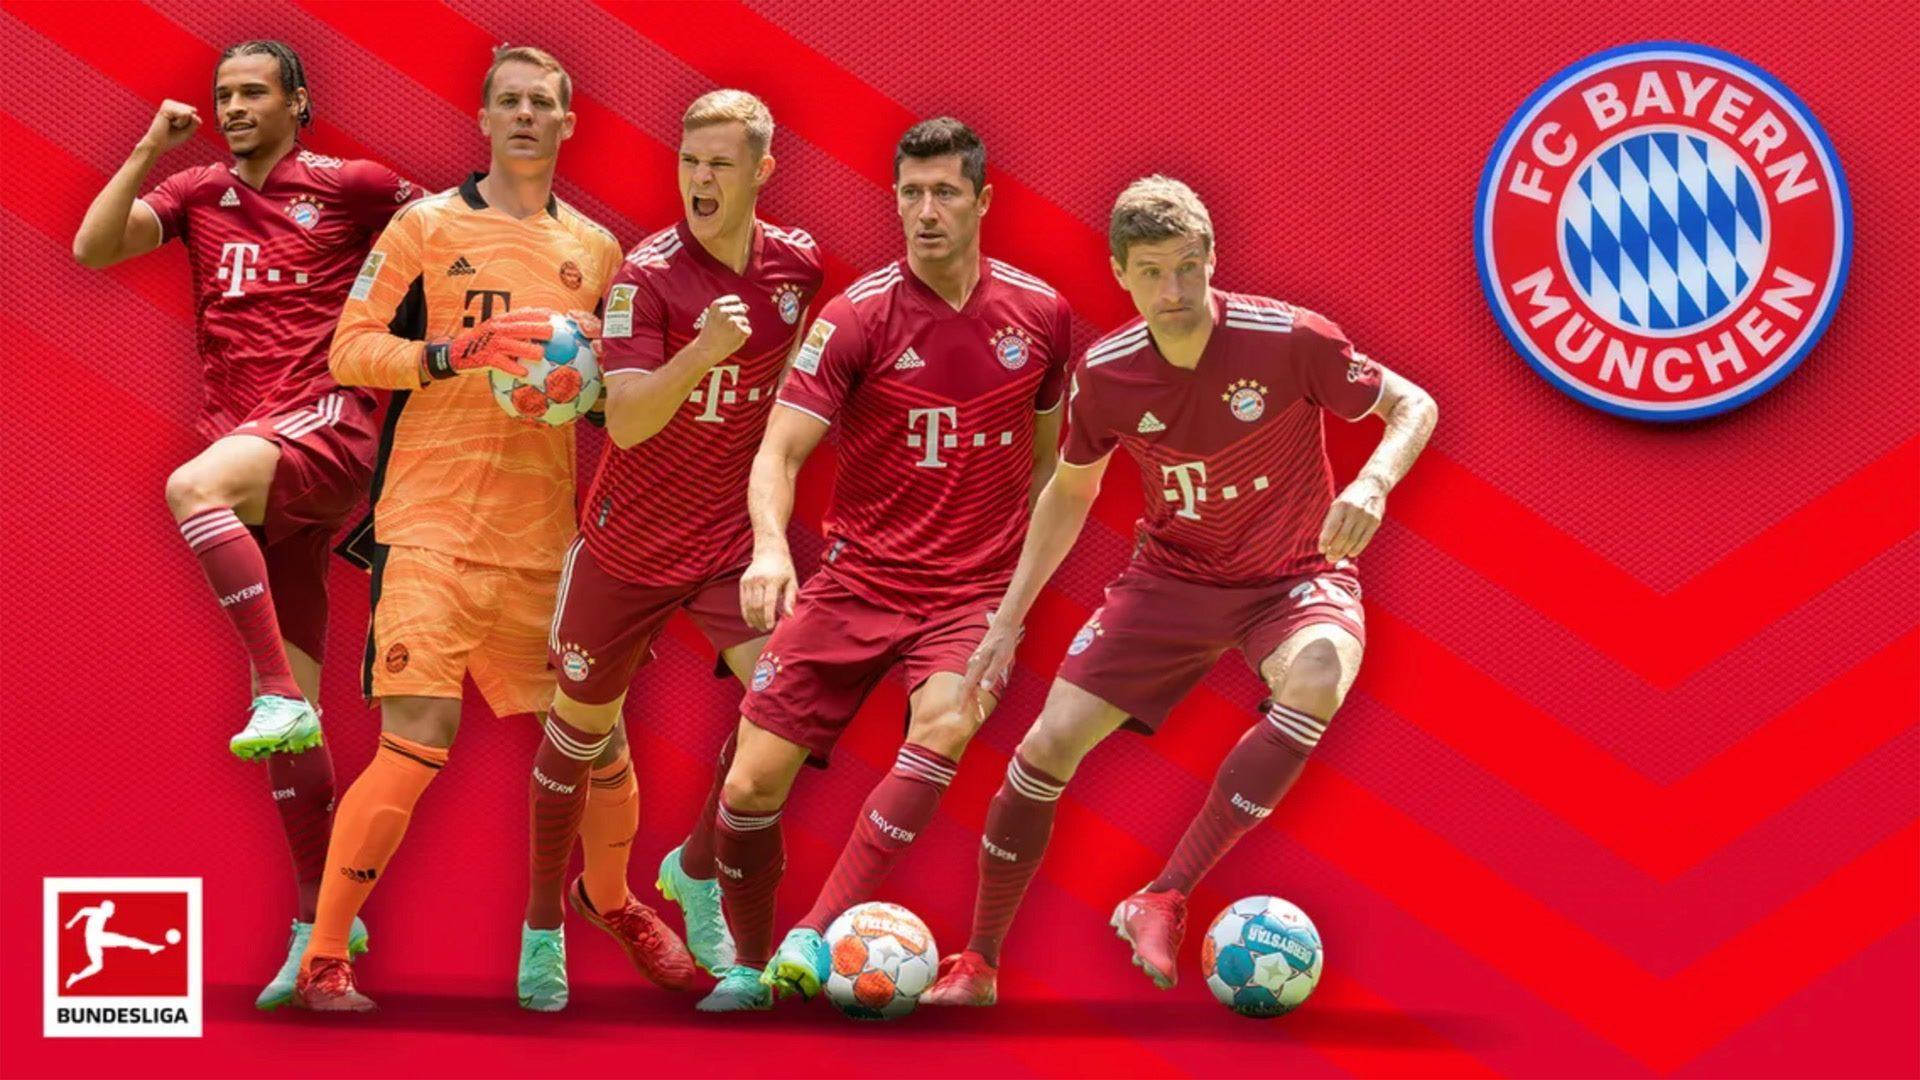 Schlüsselspieler des FC Bayern gegen Leverkusen